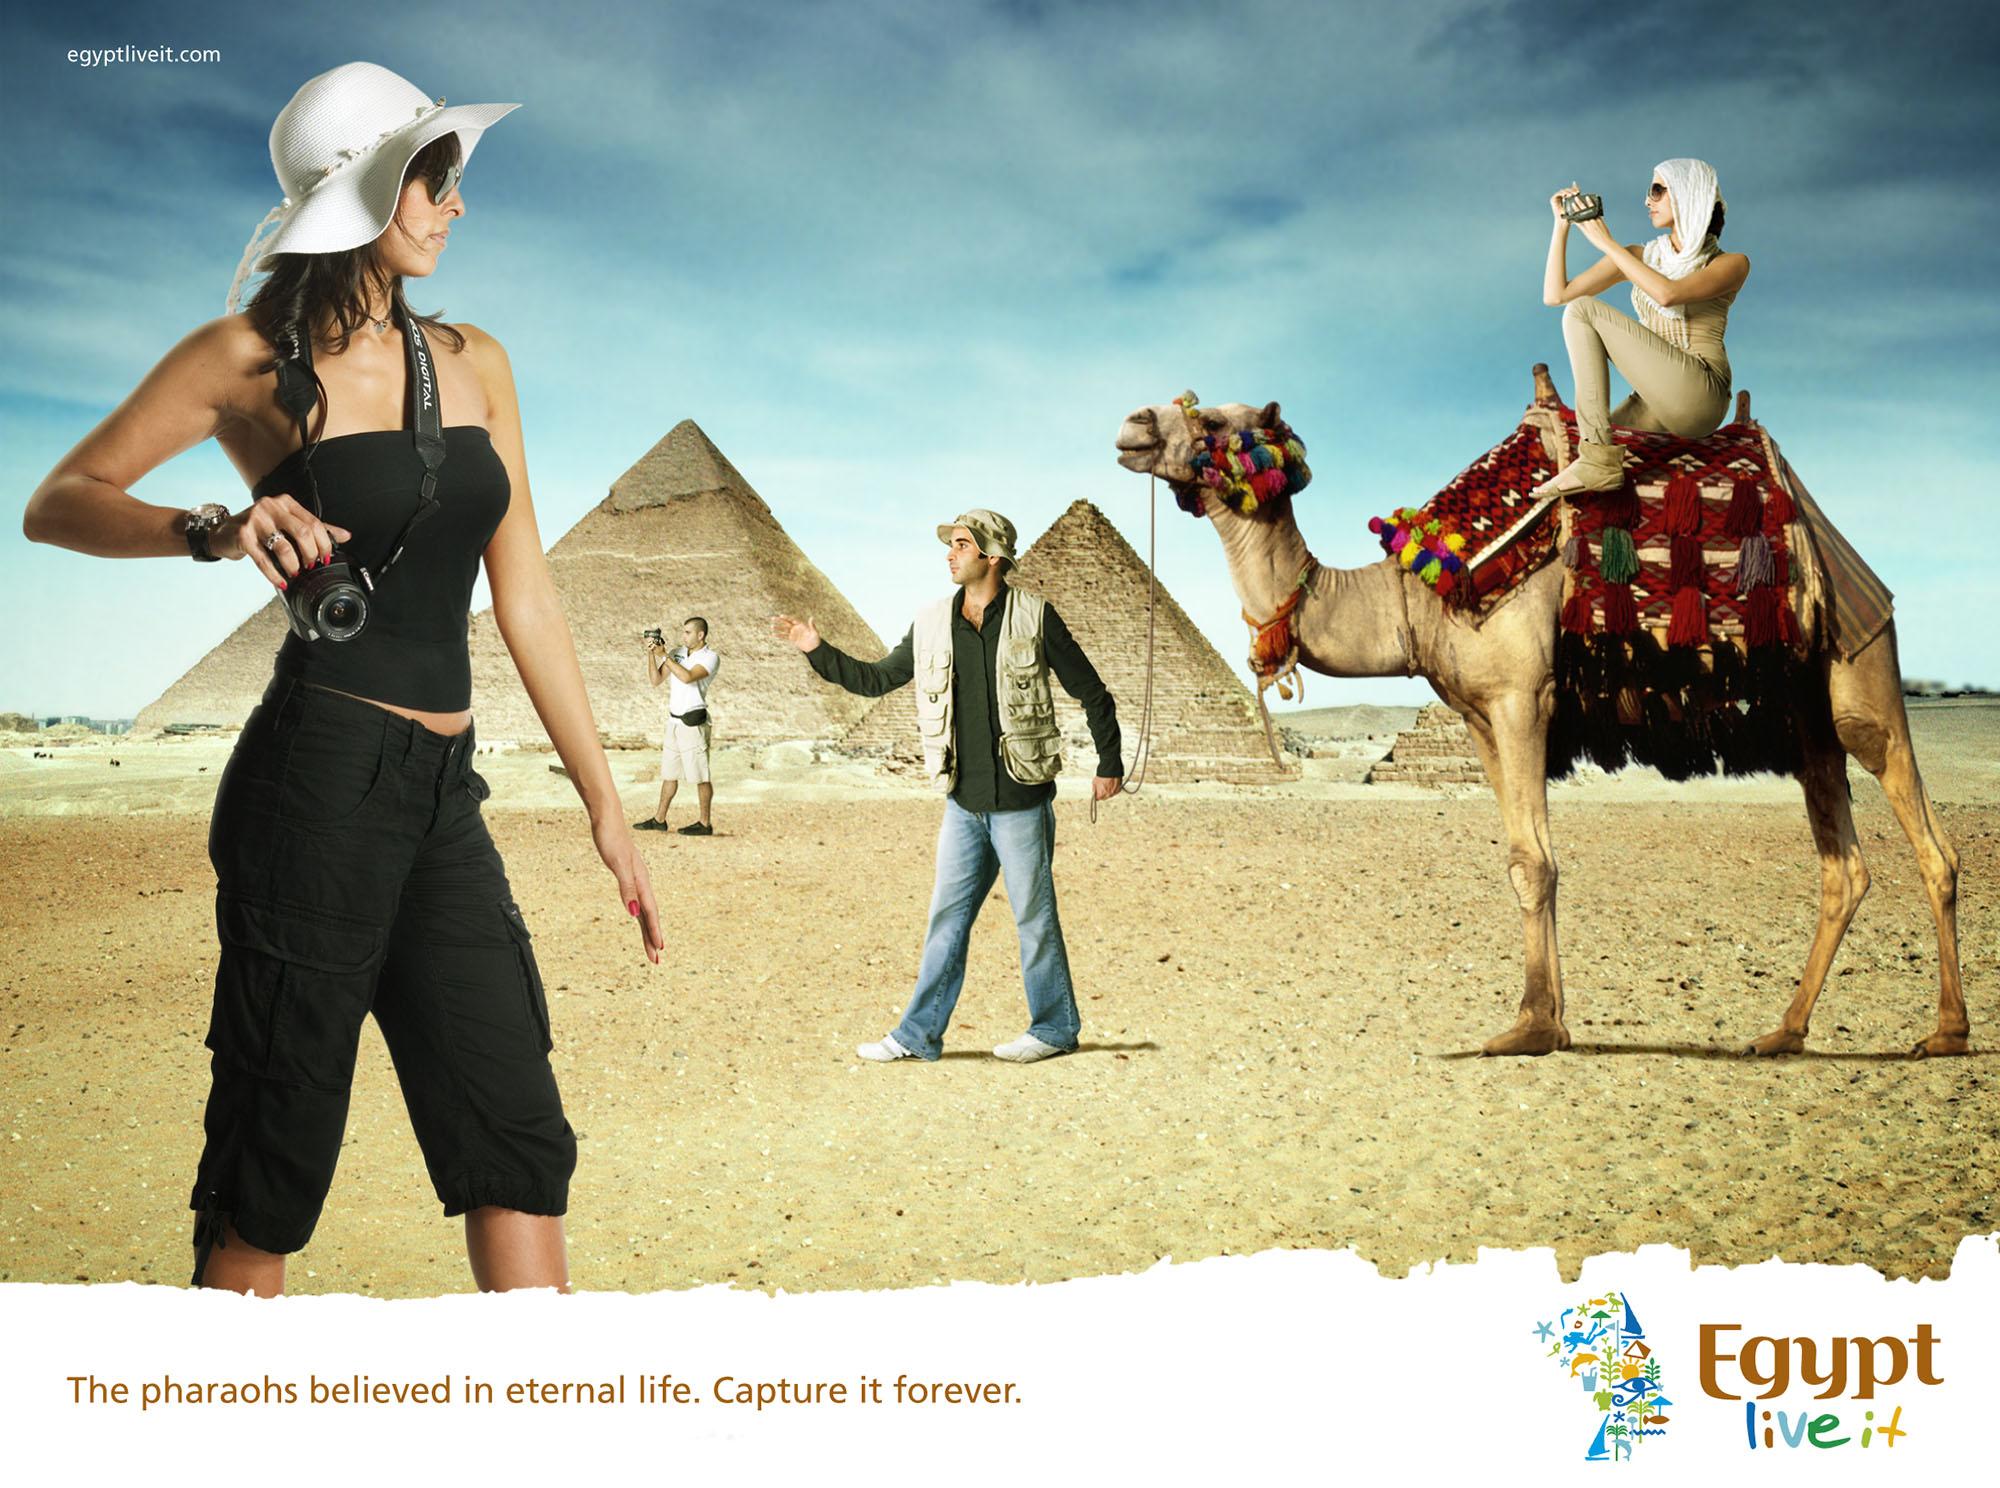 Egypt Tourism 'Hiyeroglyphs'